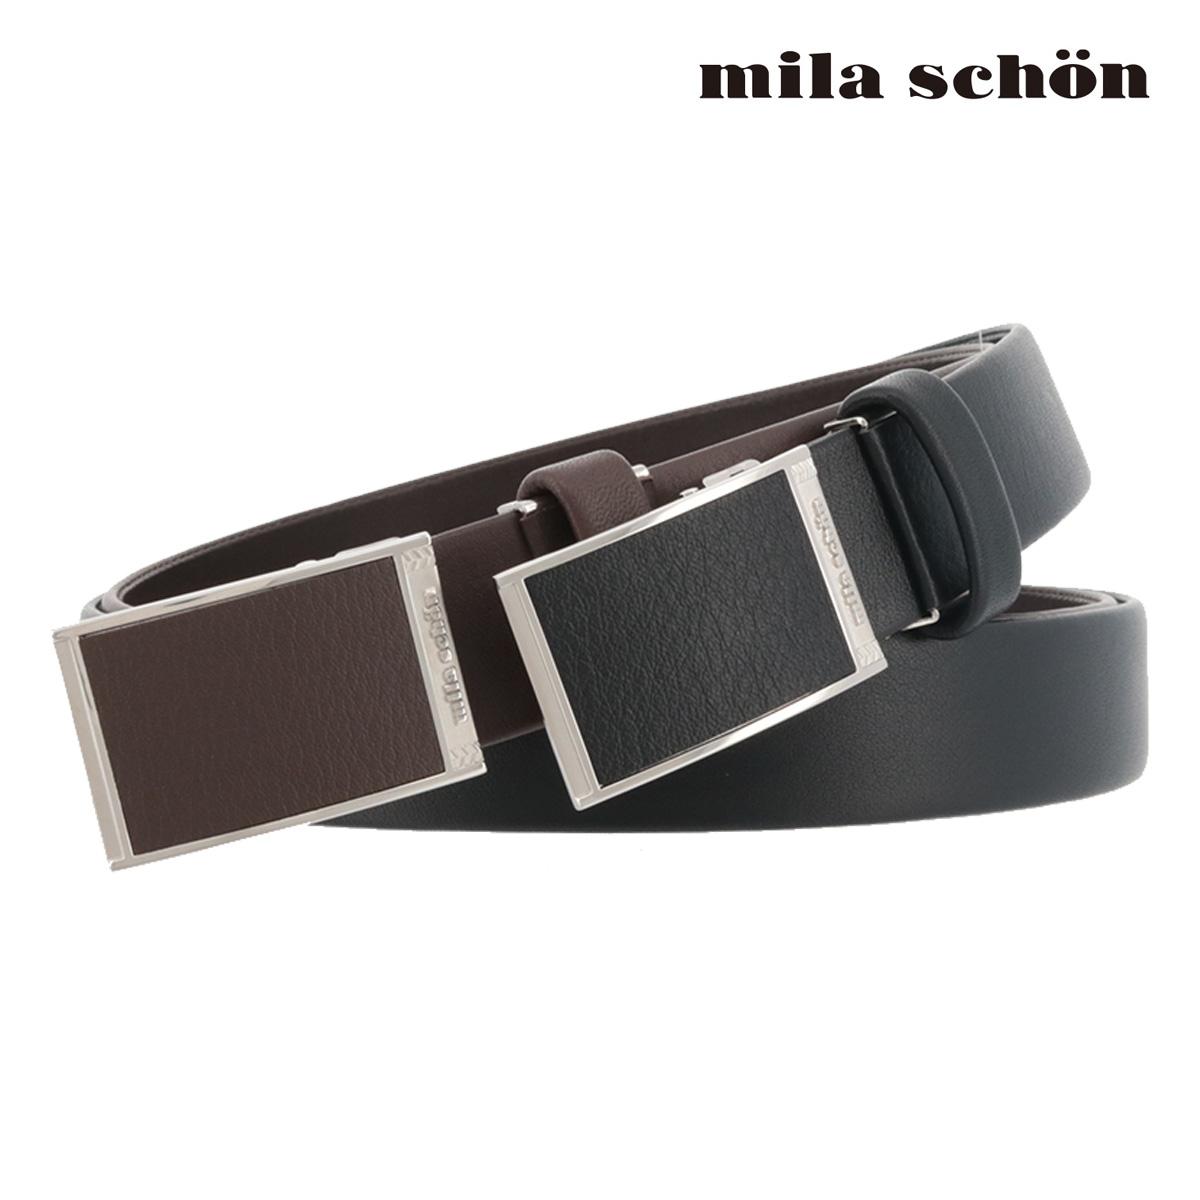 ミラショーン レザーベルト MSMB8370 | milaschon バックル式 牛革 メンズ[PO5][bef]